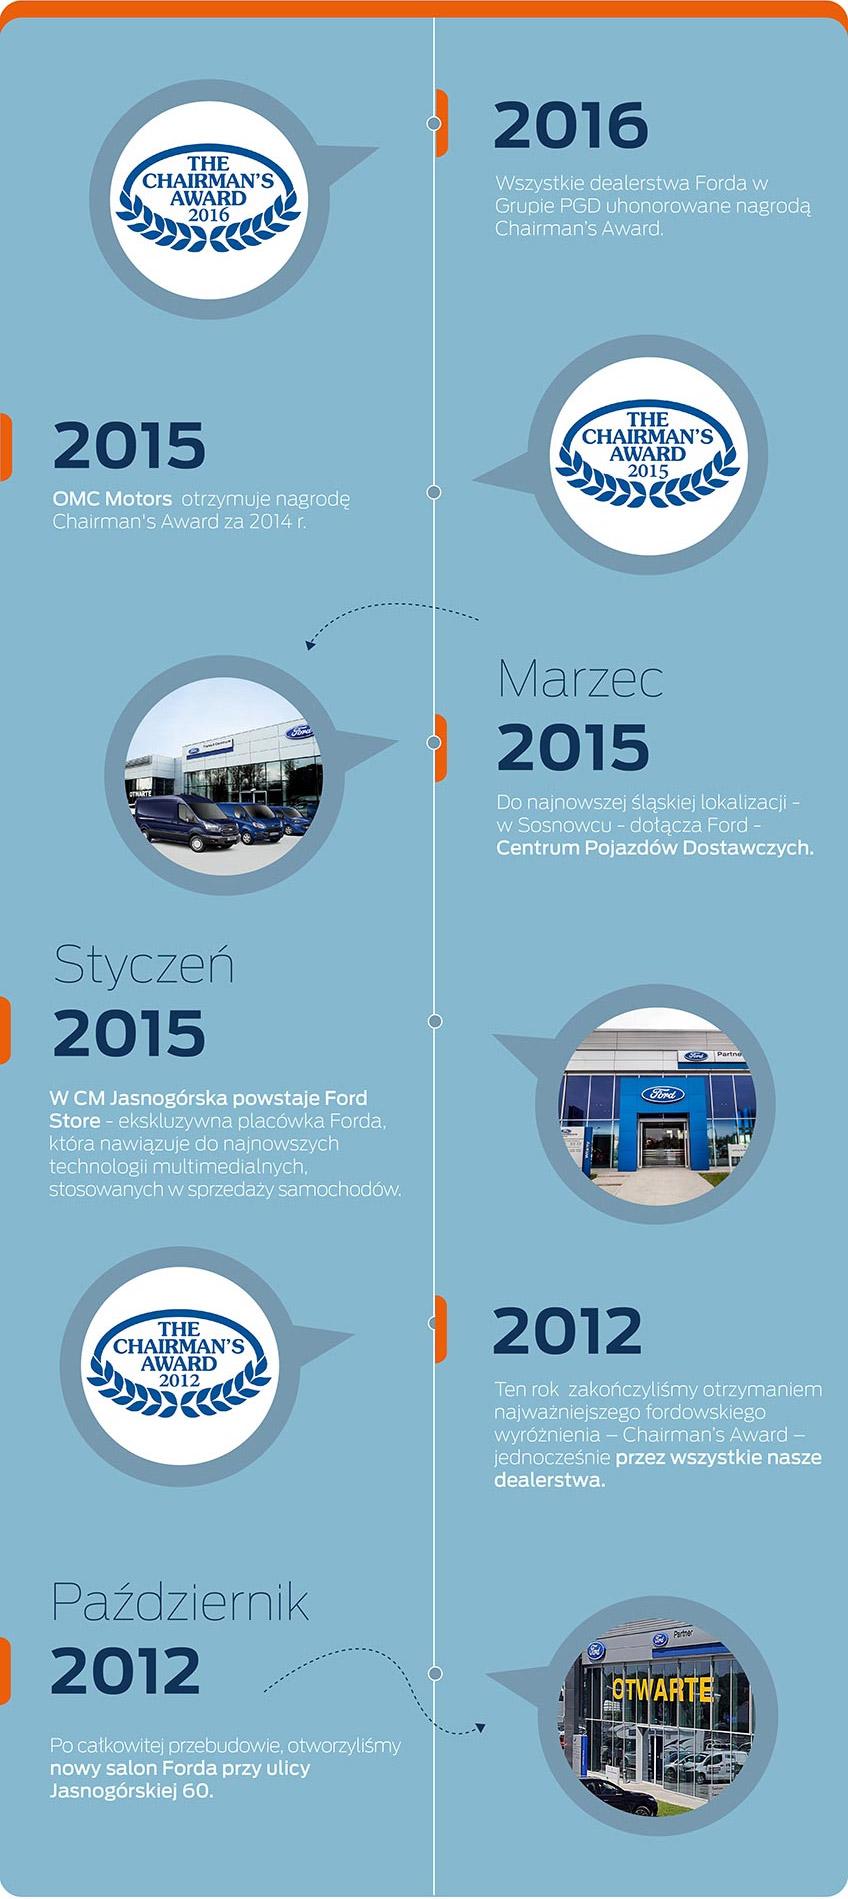 Wszystkie dealerstwa Forda w Grupie PGD uhonorowane nagrodą Chairman's Award. Do najnowszej śląskiej lokalizacji - w Sosnowcu - dołącza Ford - Centrum Pojazdów Dostawczych. W CM Jasnogórska powstaje Ford Store - ekskluzywna placówka Forda, która nawiązuje do najnowszych technologii multimedialnych, stosowanych w sprzedaży samochodów.